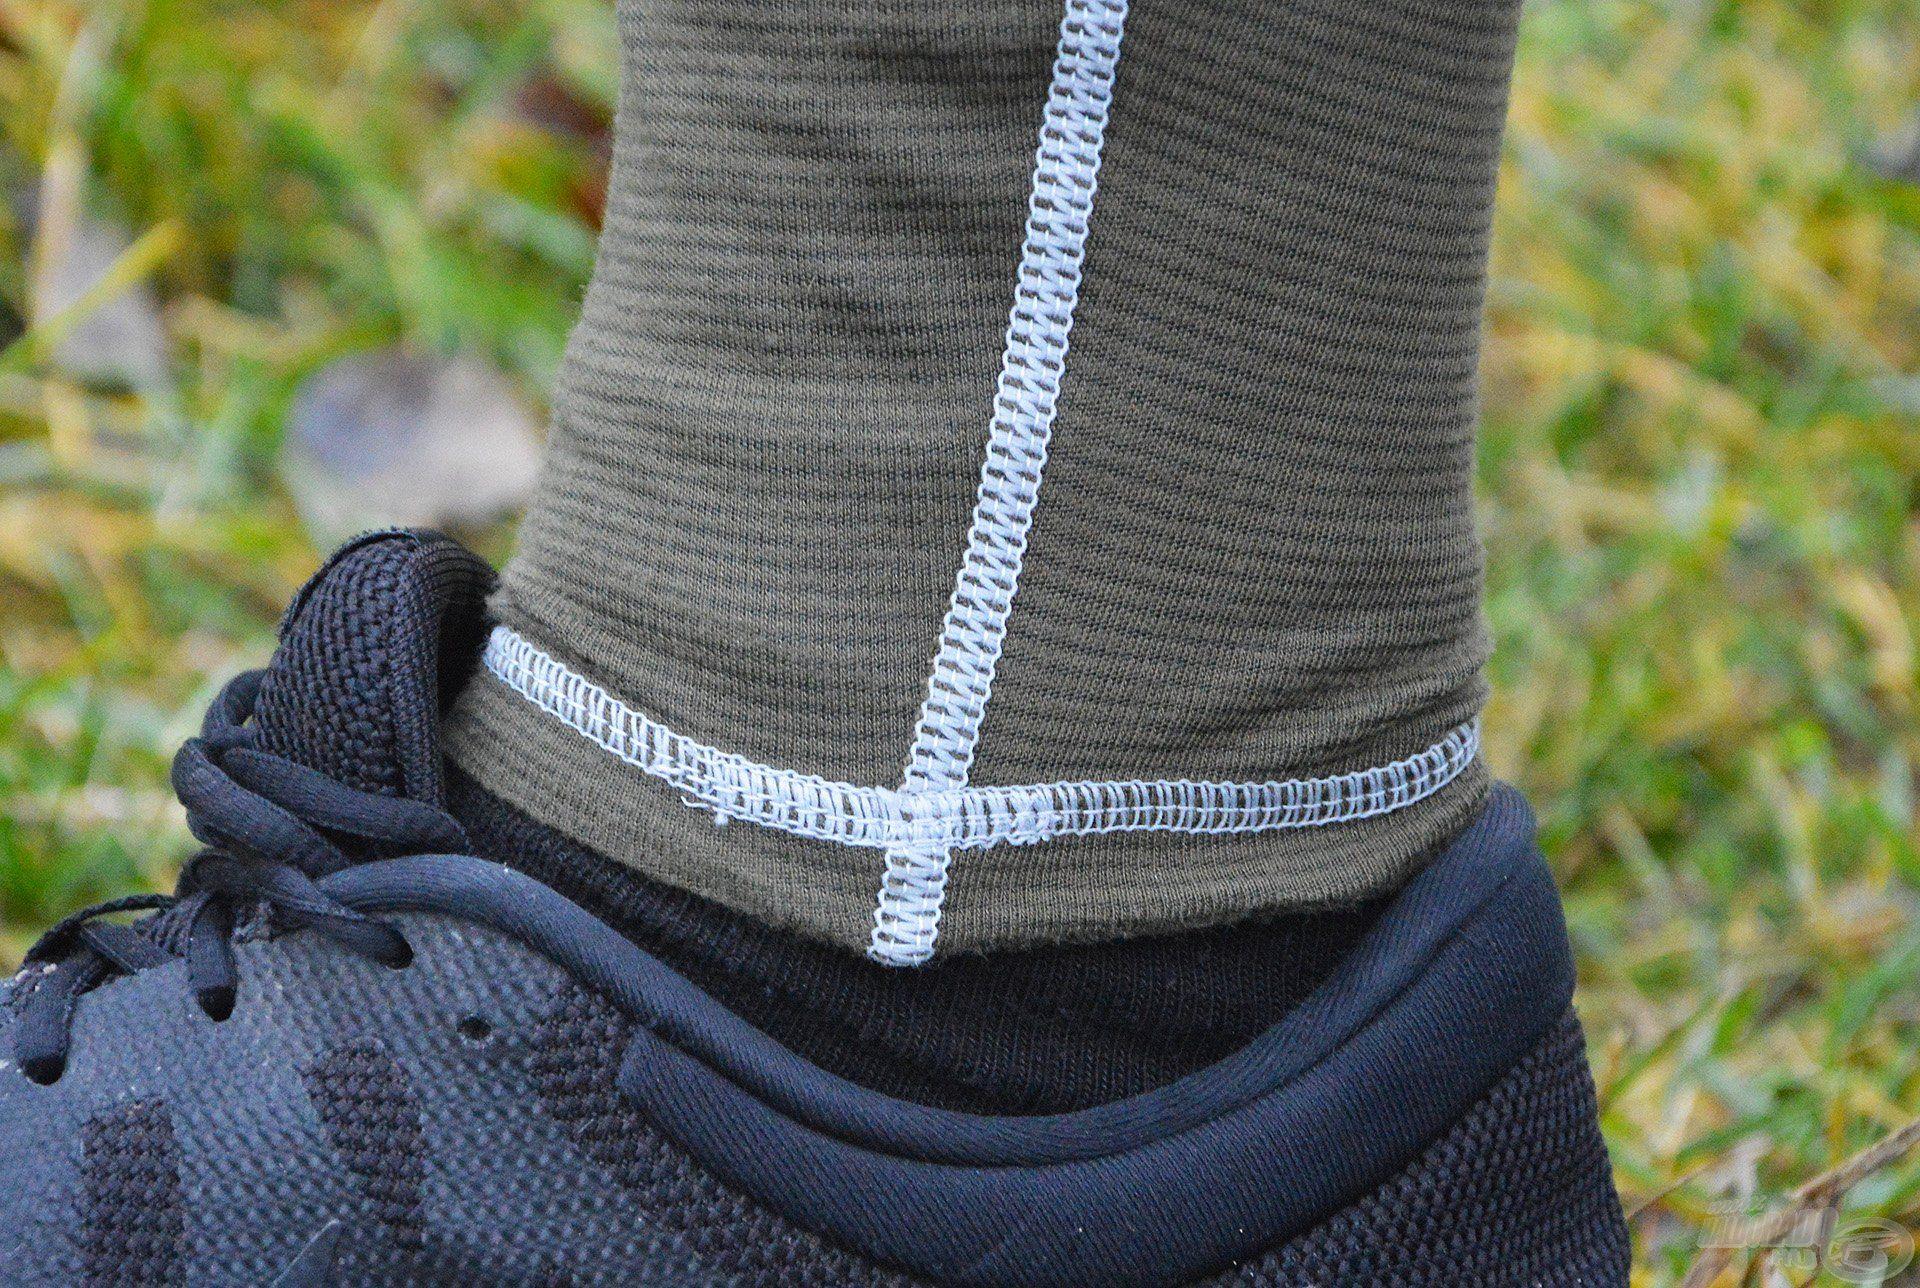 Az alsó hossza is tökéletes, pontosan addig ér, ameddig kell, illetve eléggé passzentos, így a hideg szellő sem tud befújni a bokánkhoz!